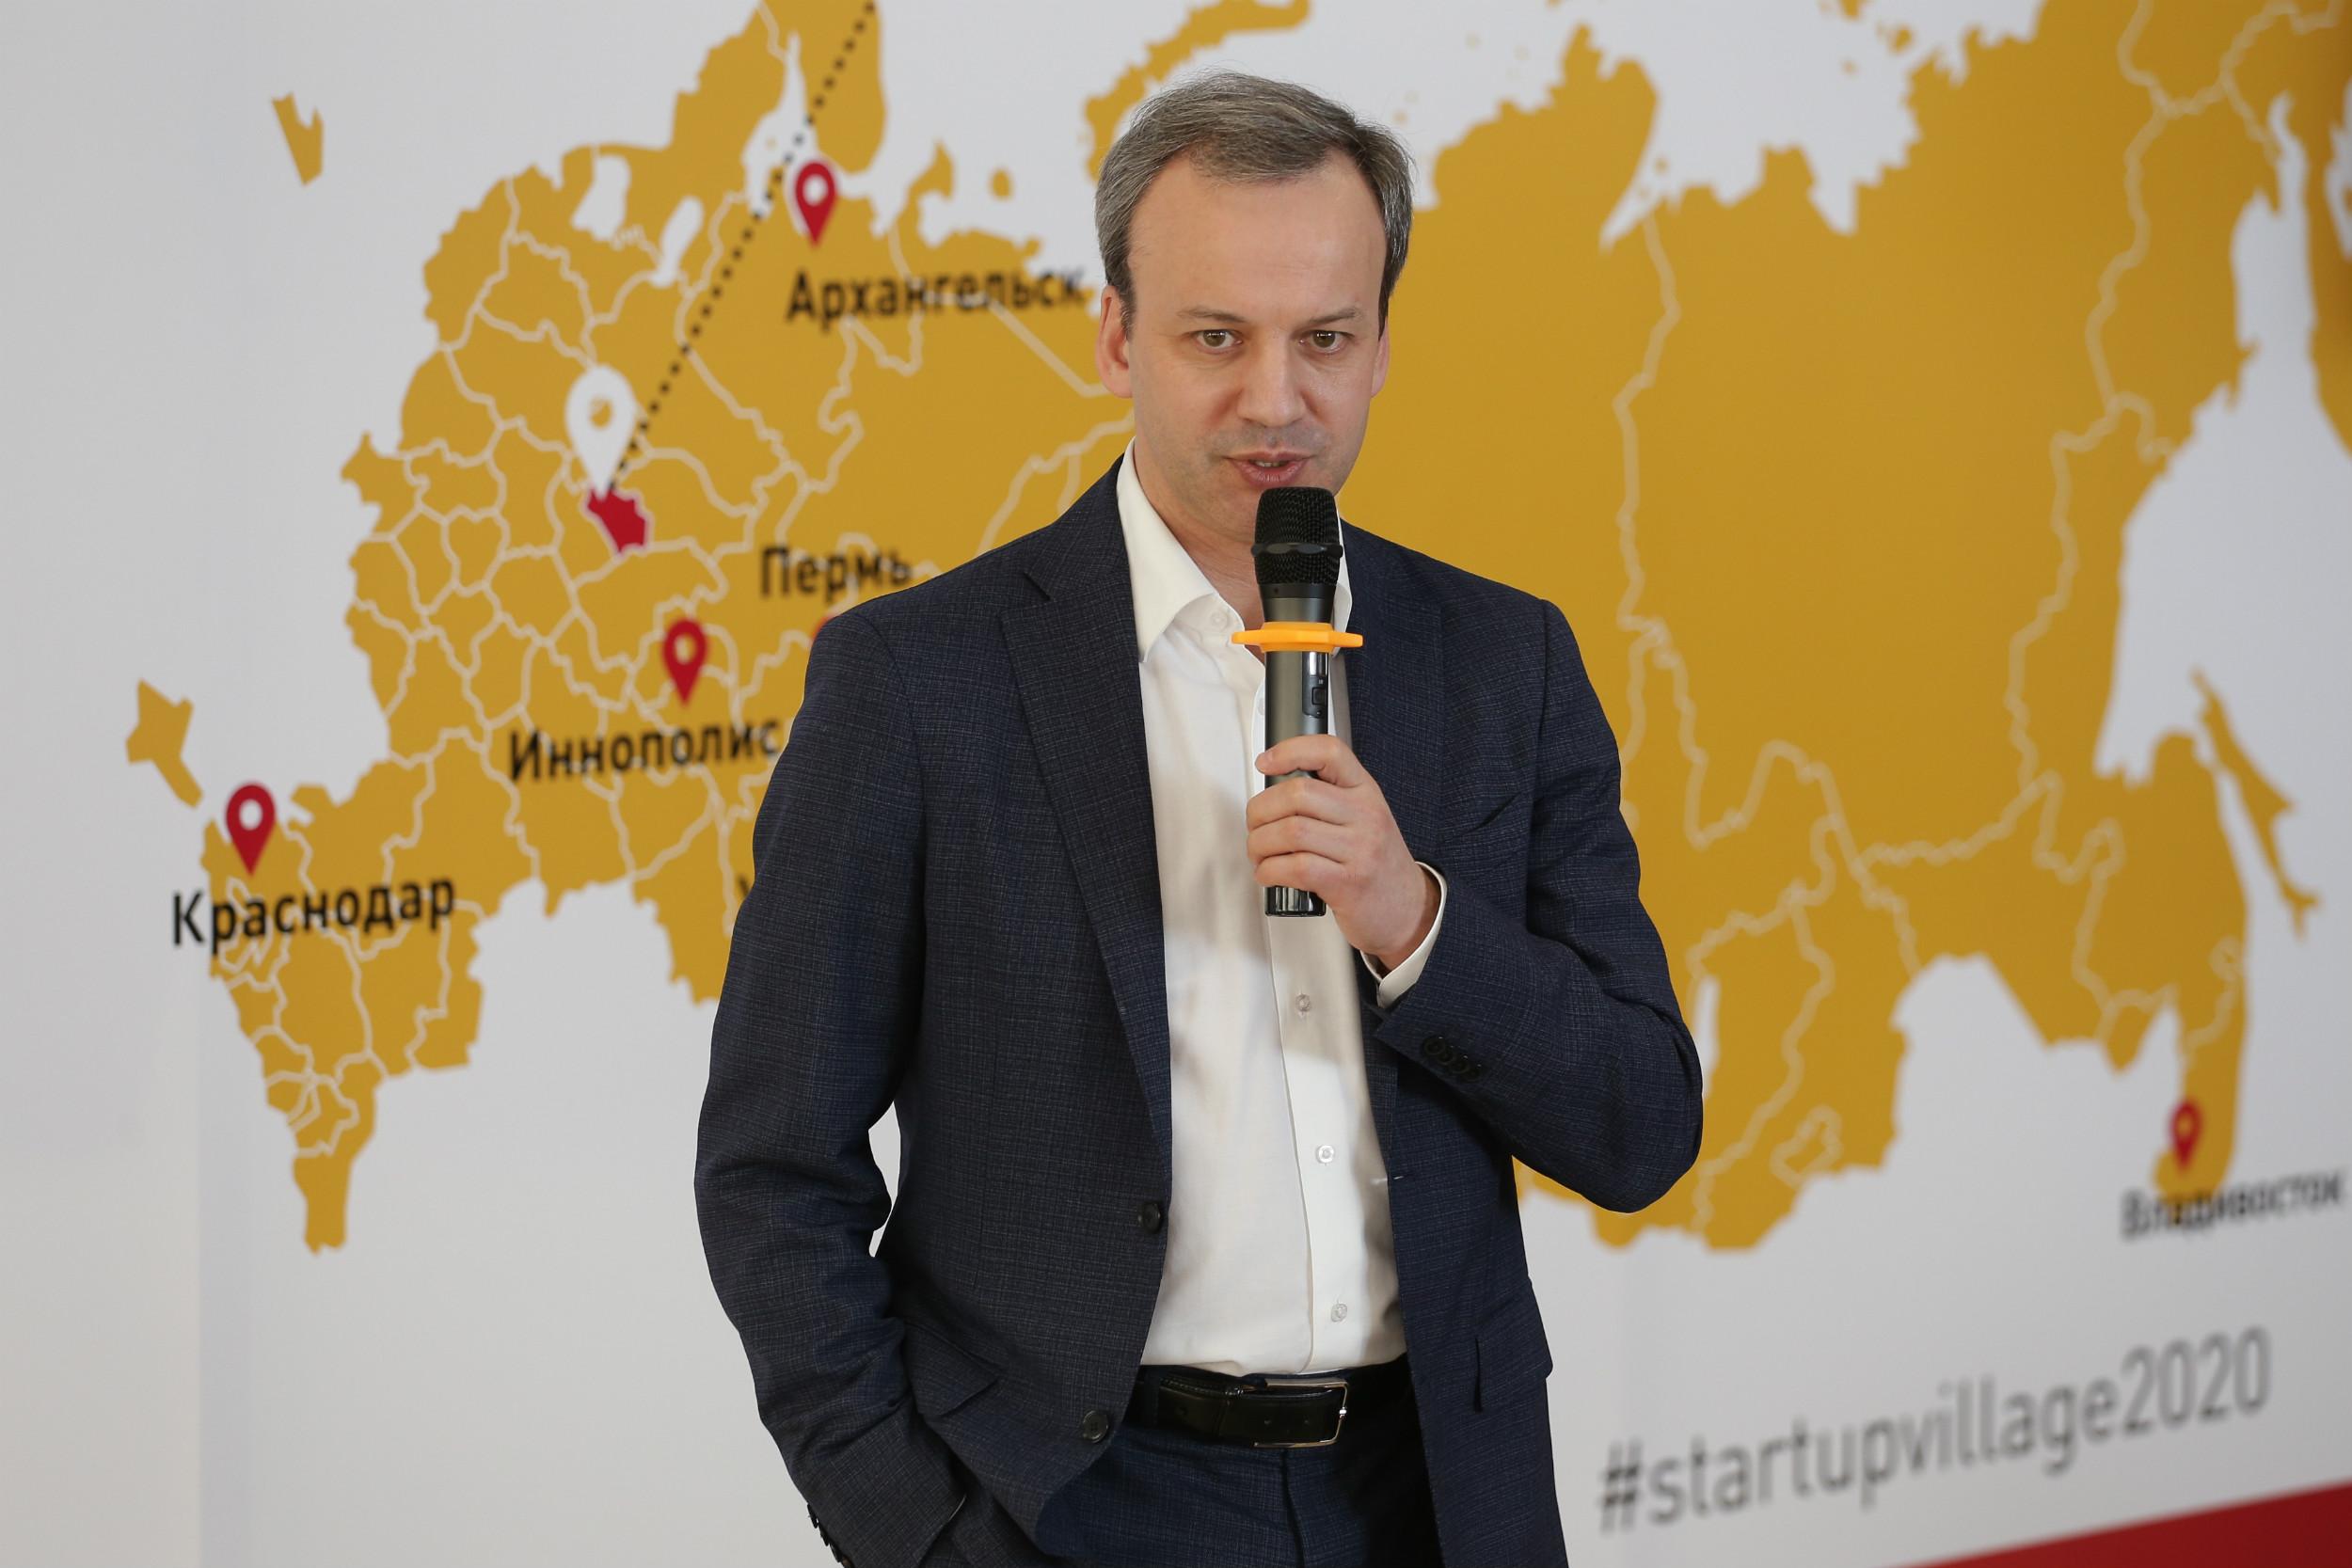 StartupVillage в «Сколково» состоится в цифровом формате